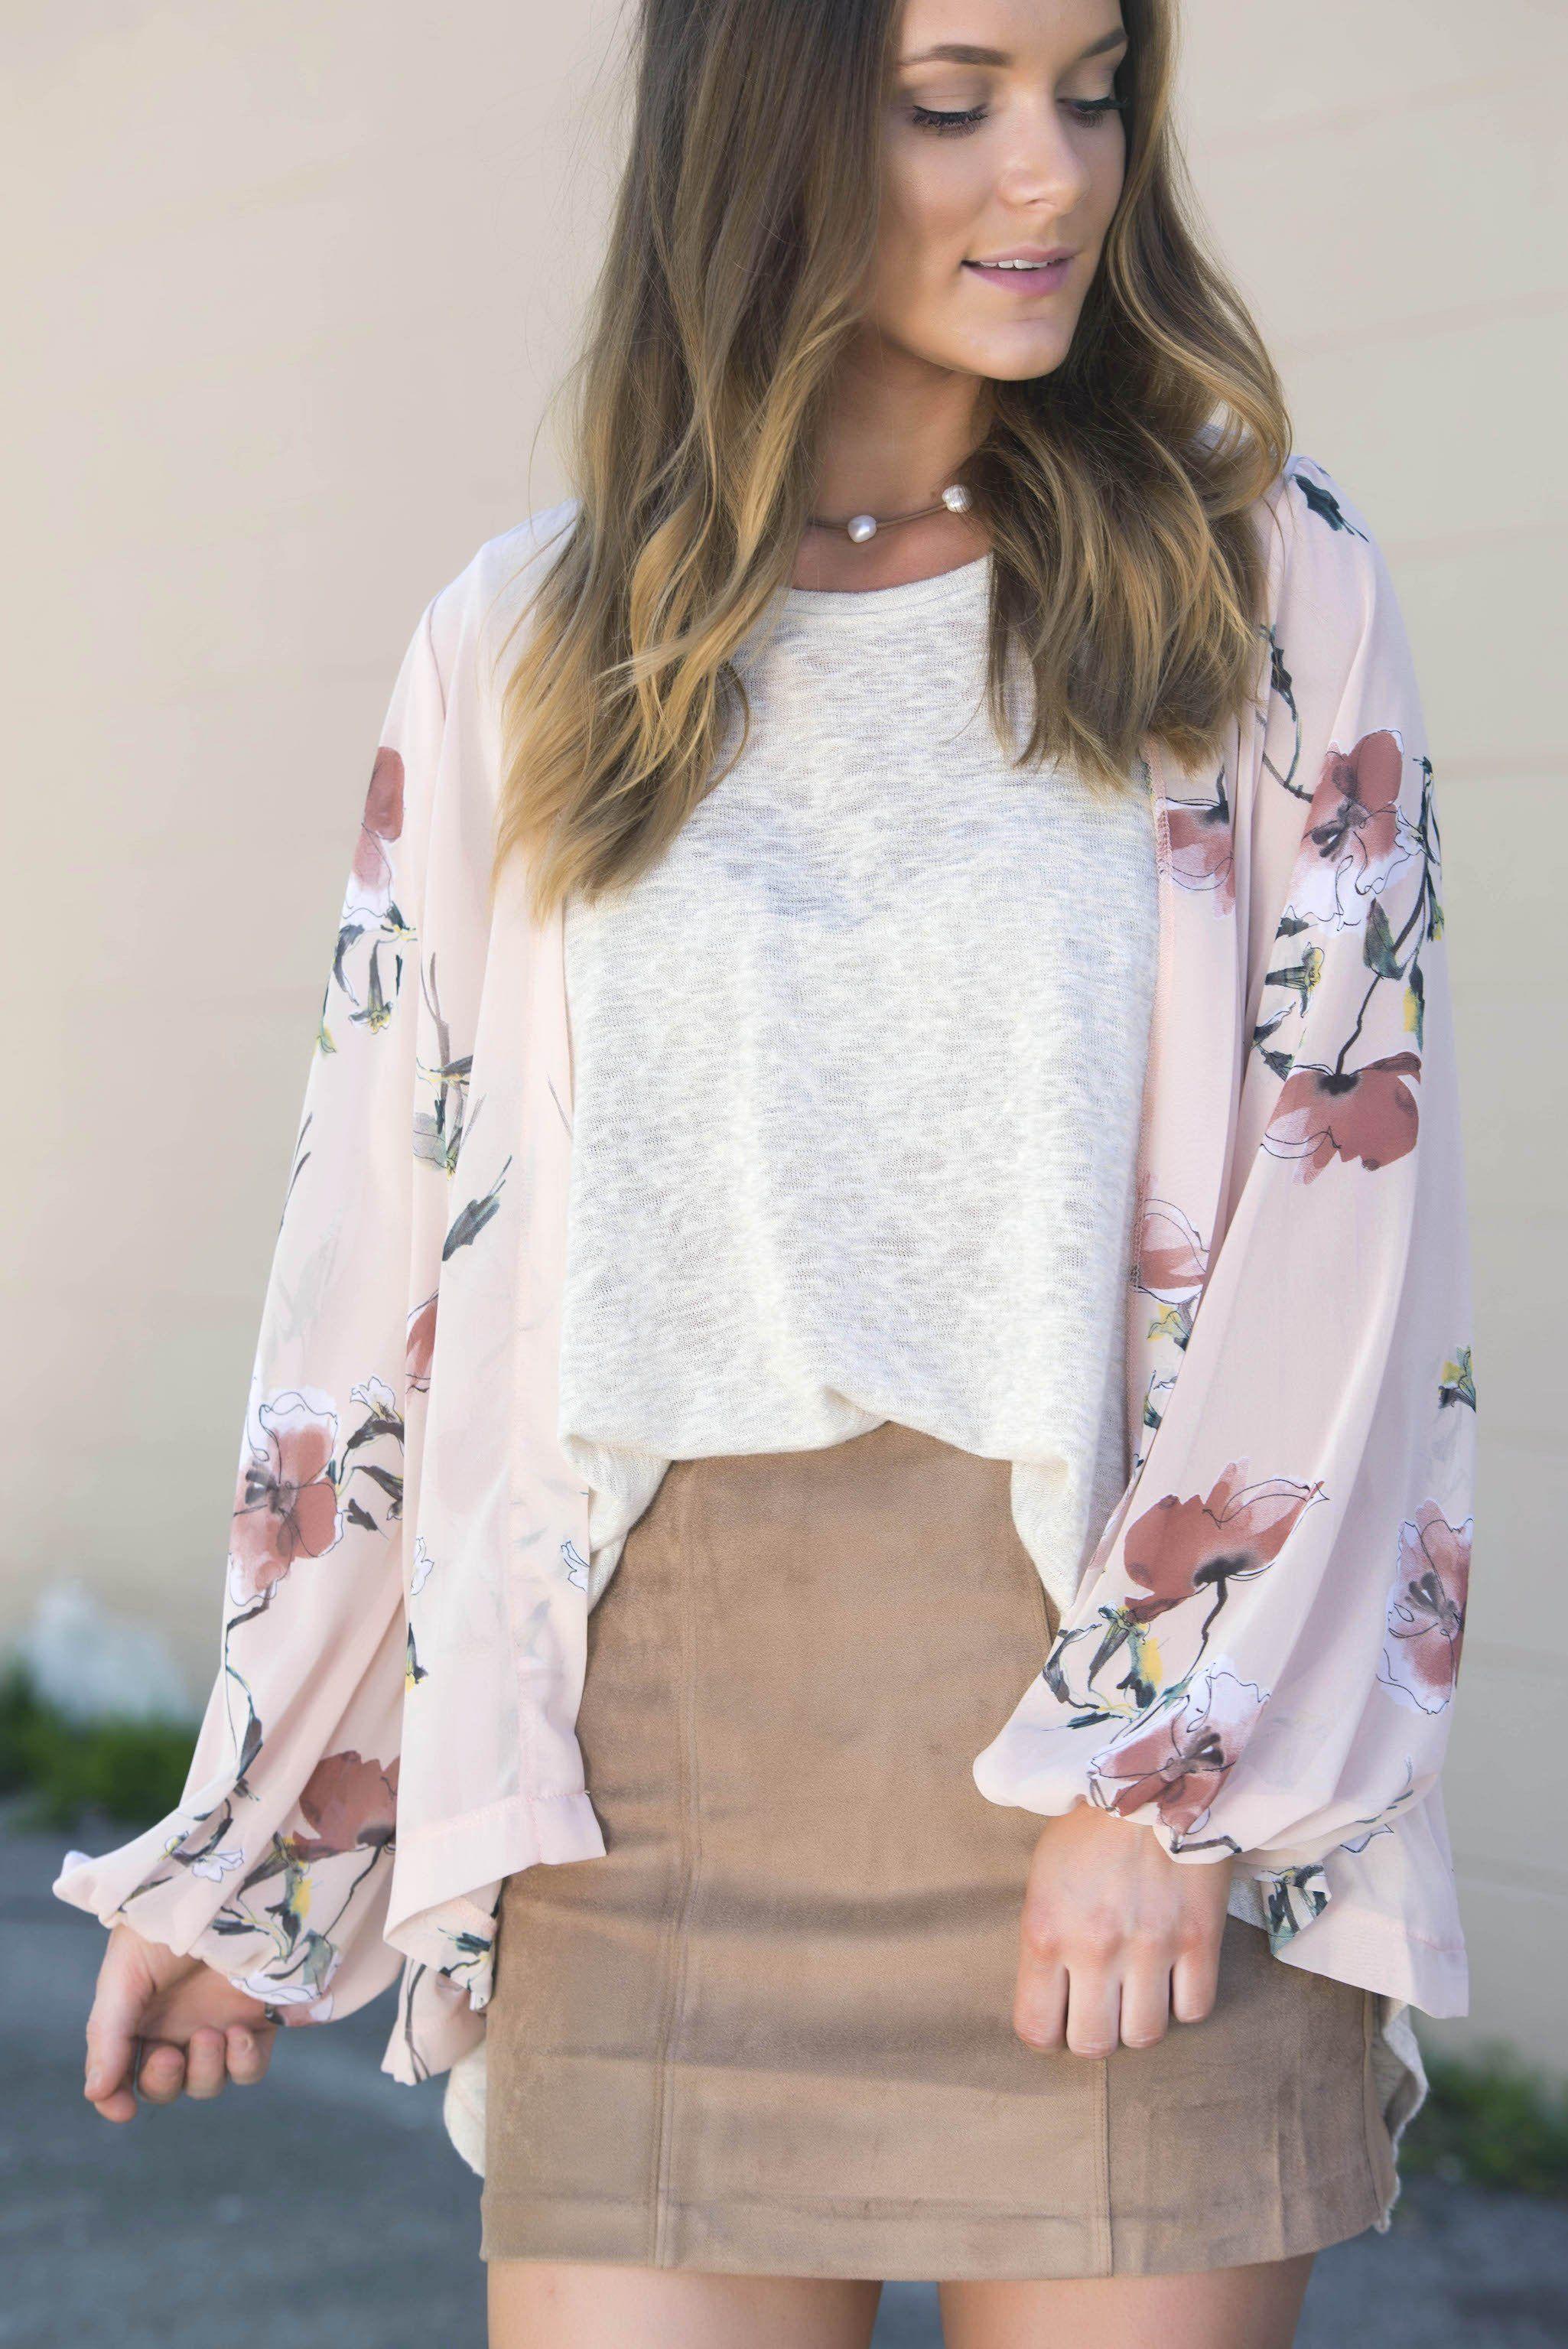 Blush Floral Chiffon Cardigan | Products | Pinterest | Chiffon ...